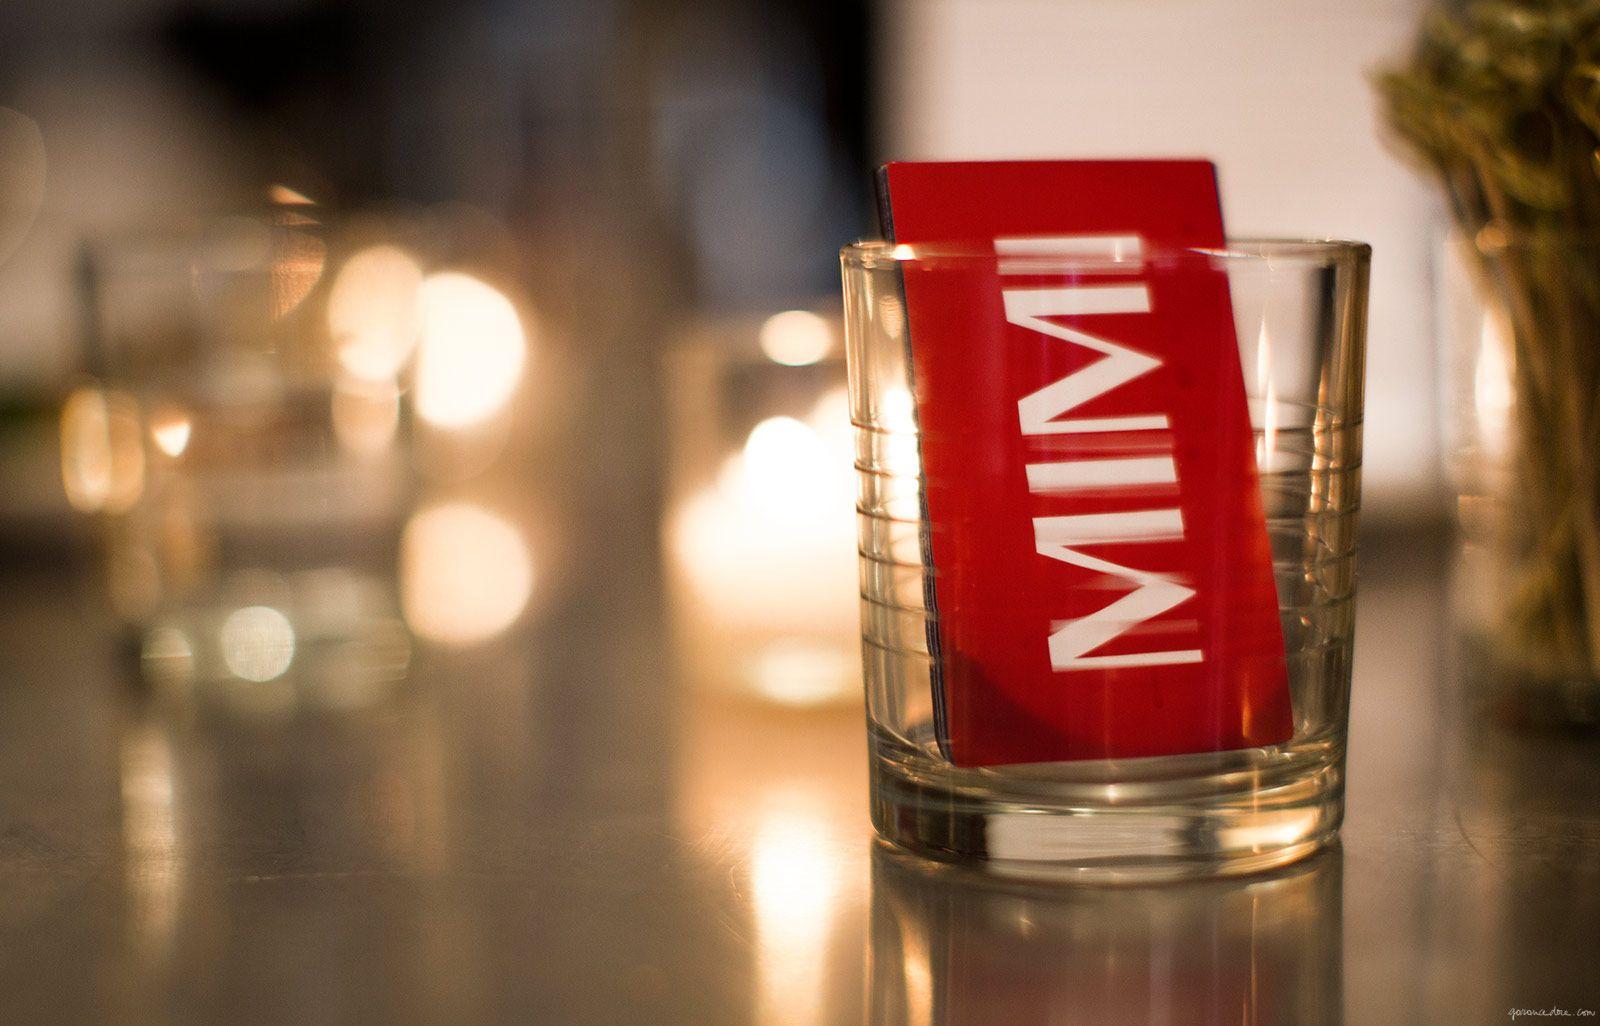 MIMI   185 Sullivan Street, New York NY 10012   +1 (212) 418-1260